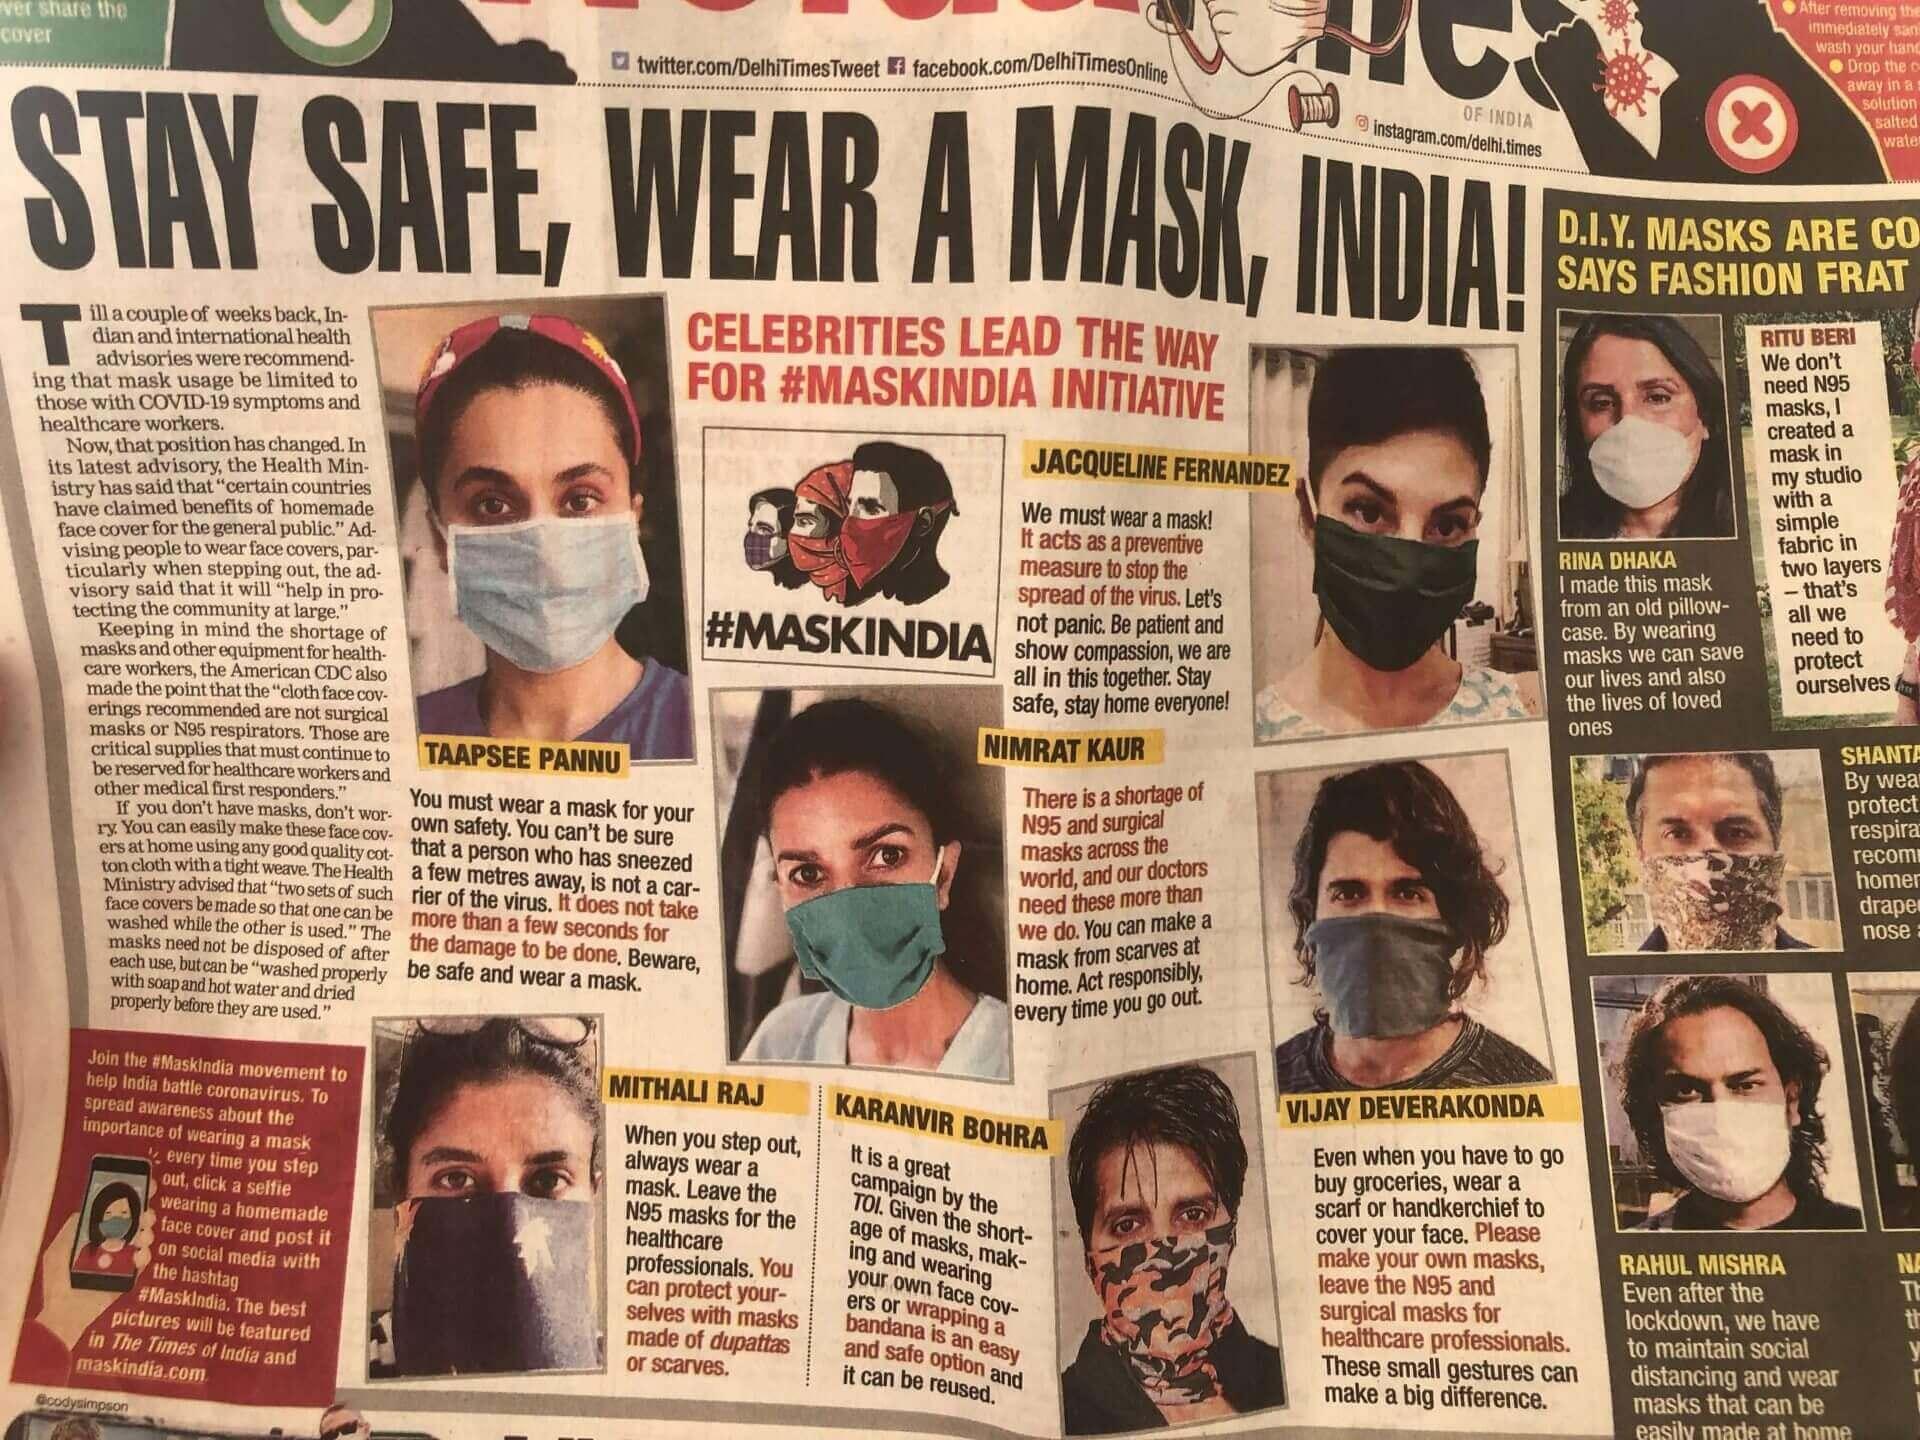 駐印度記者的封城日記:我們會不會慶幸自己做對了什麼